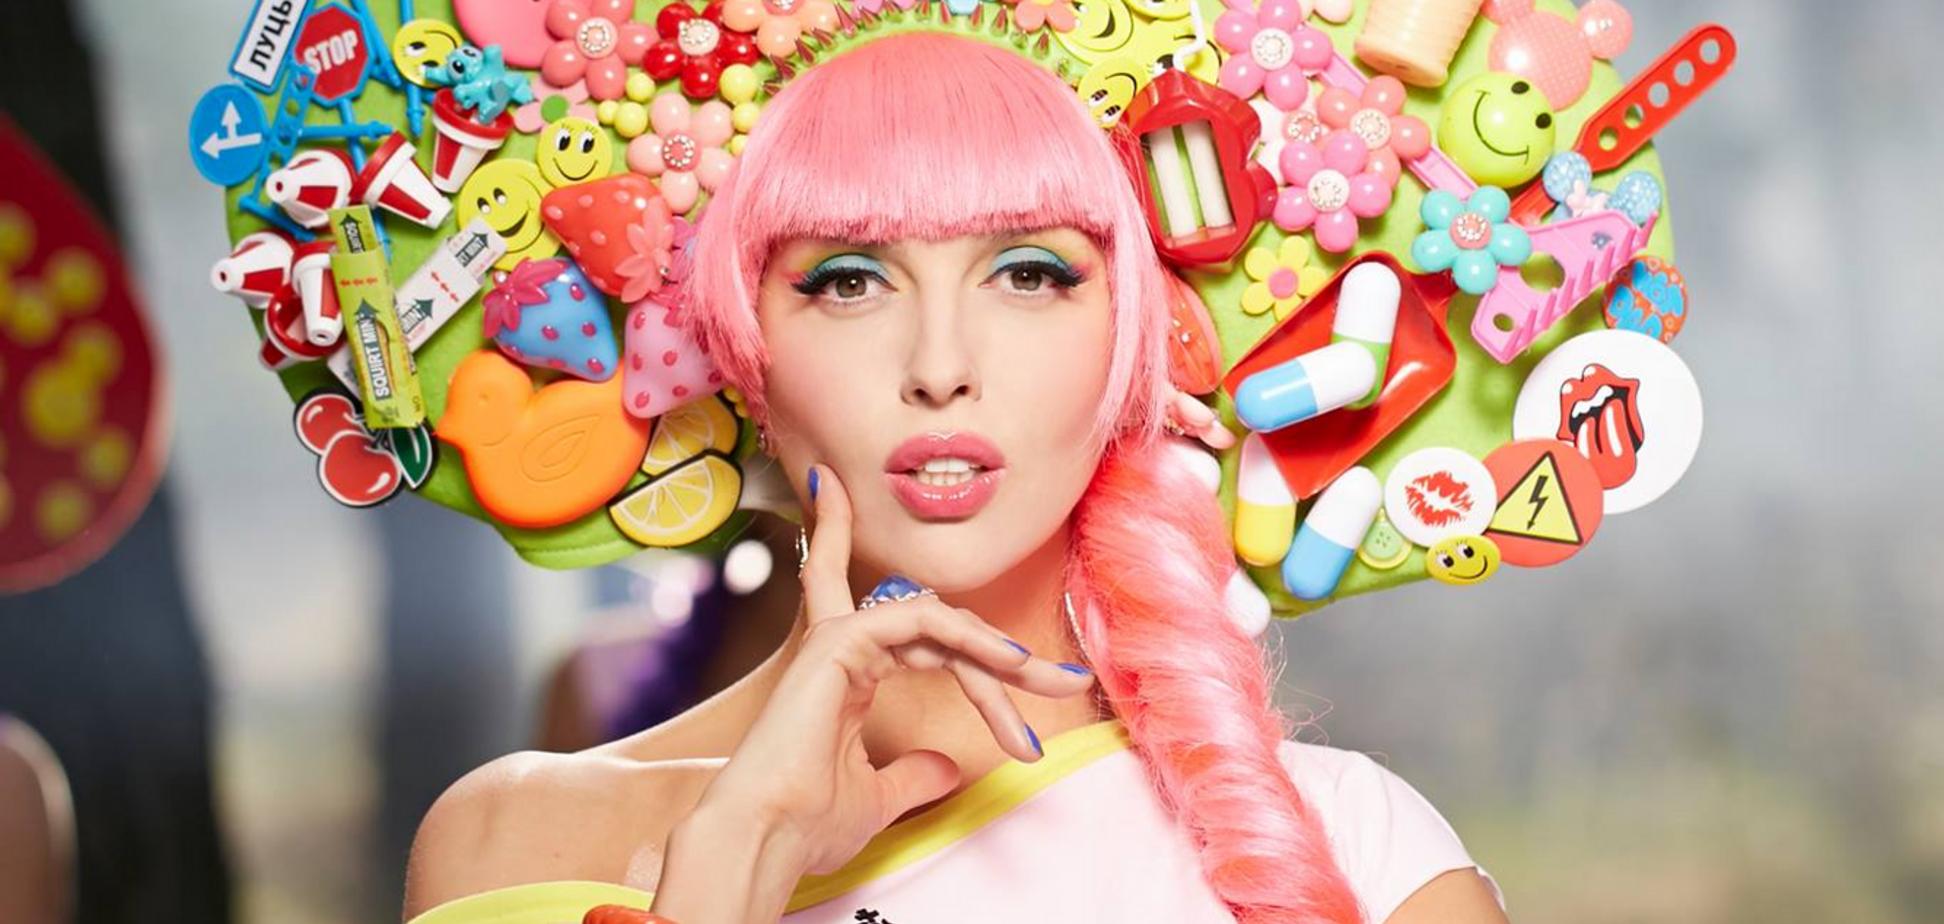 Полякова показала свой арт под хэштегом 'русский стиль'